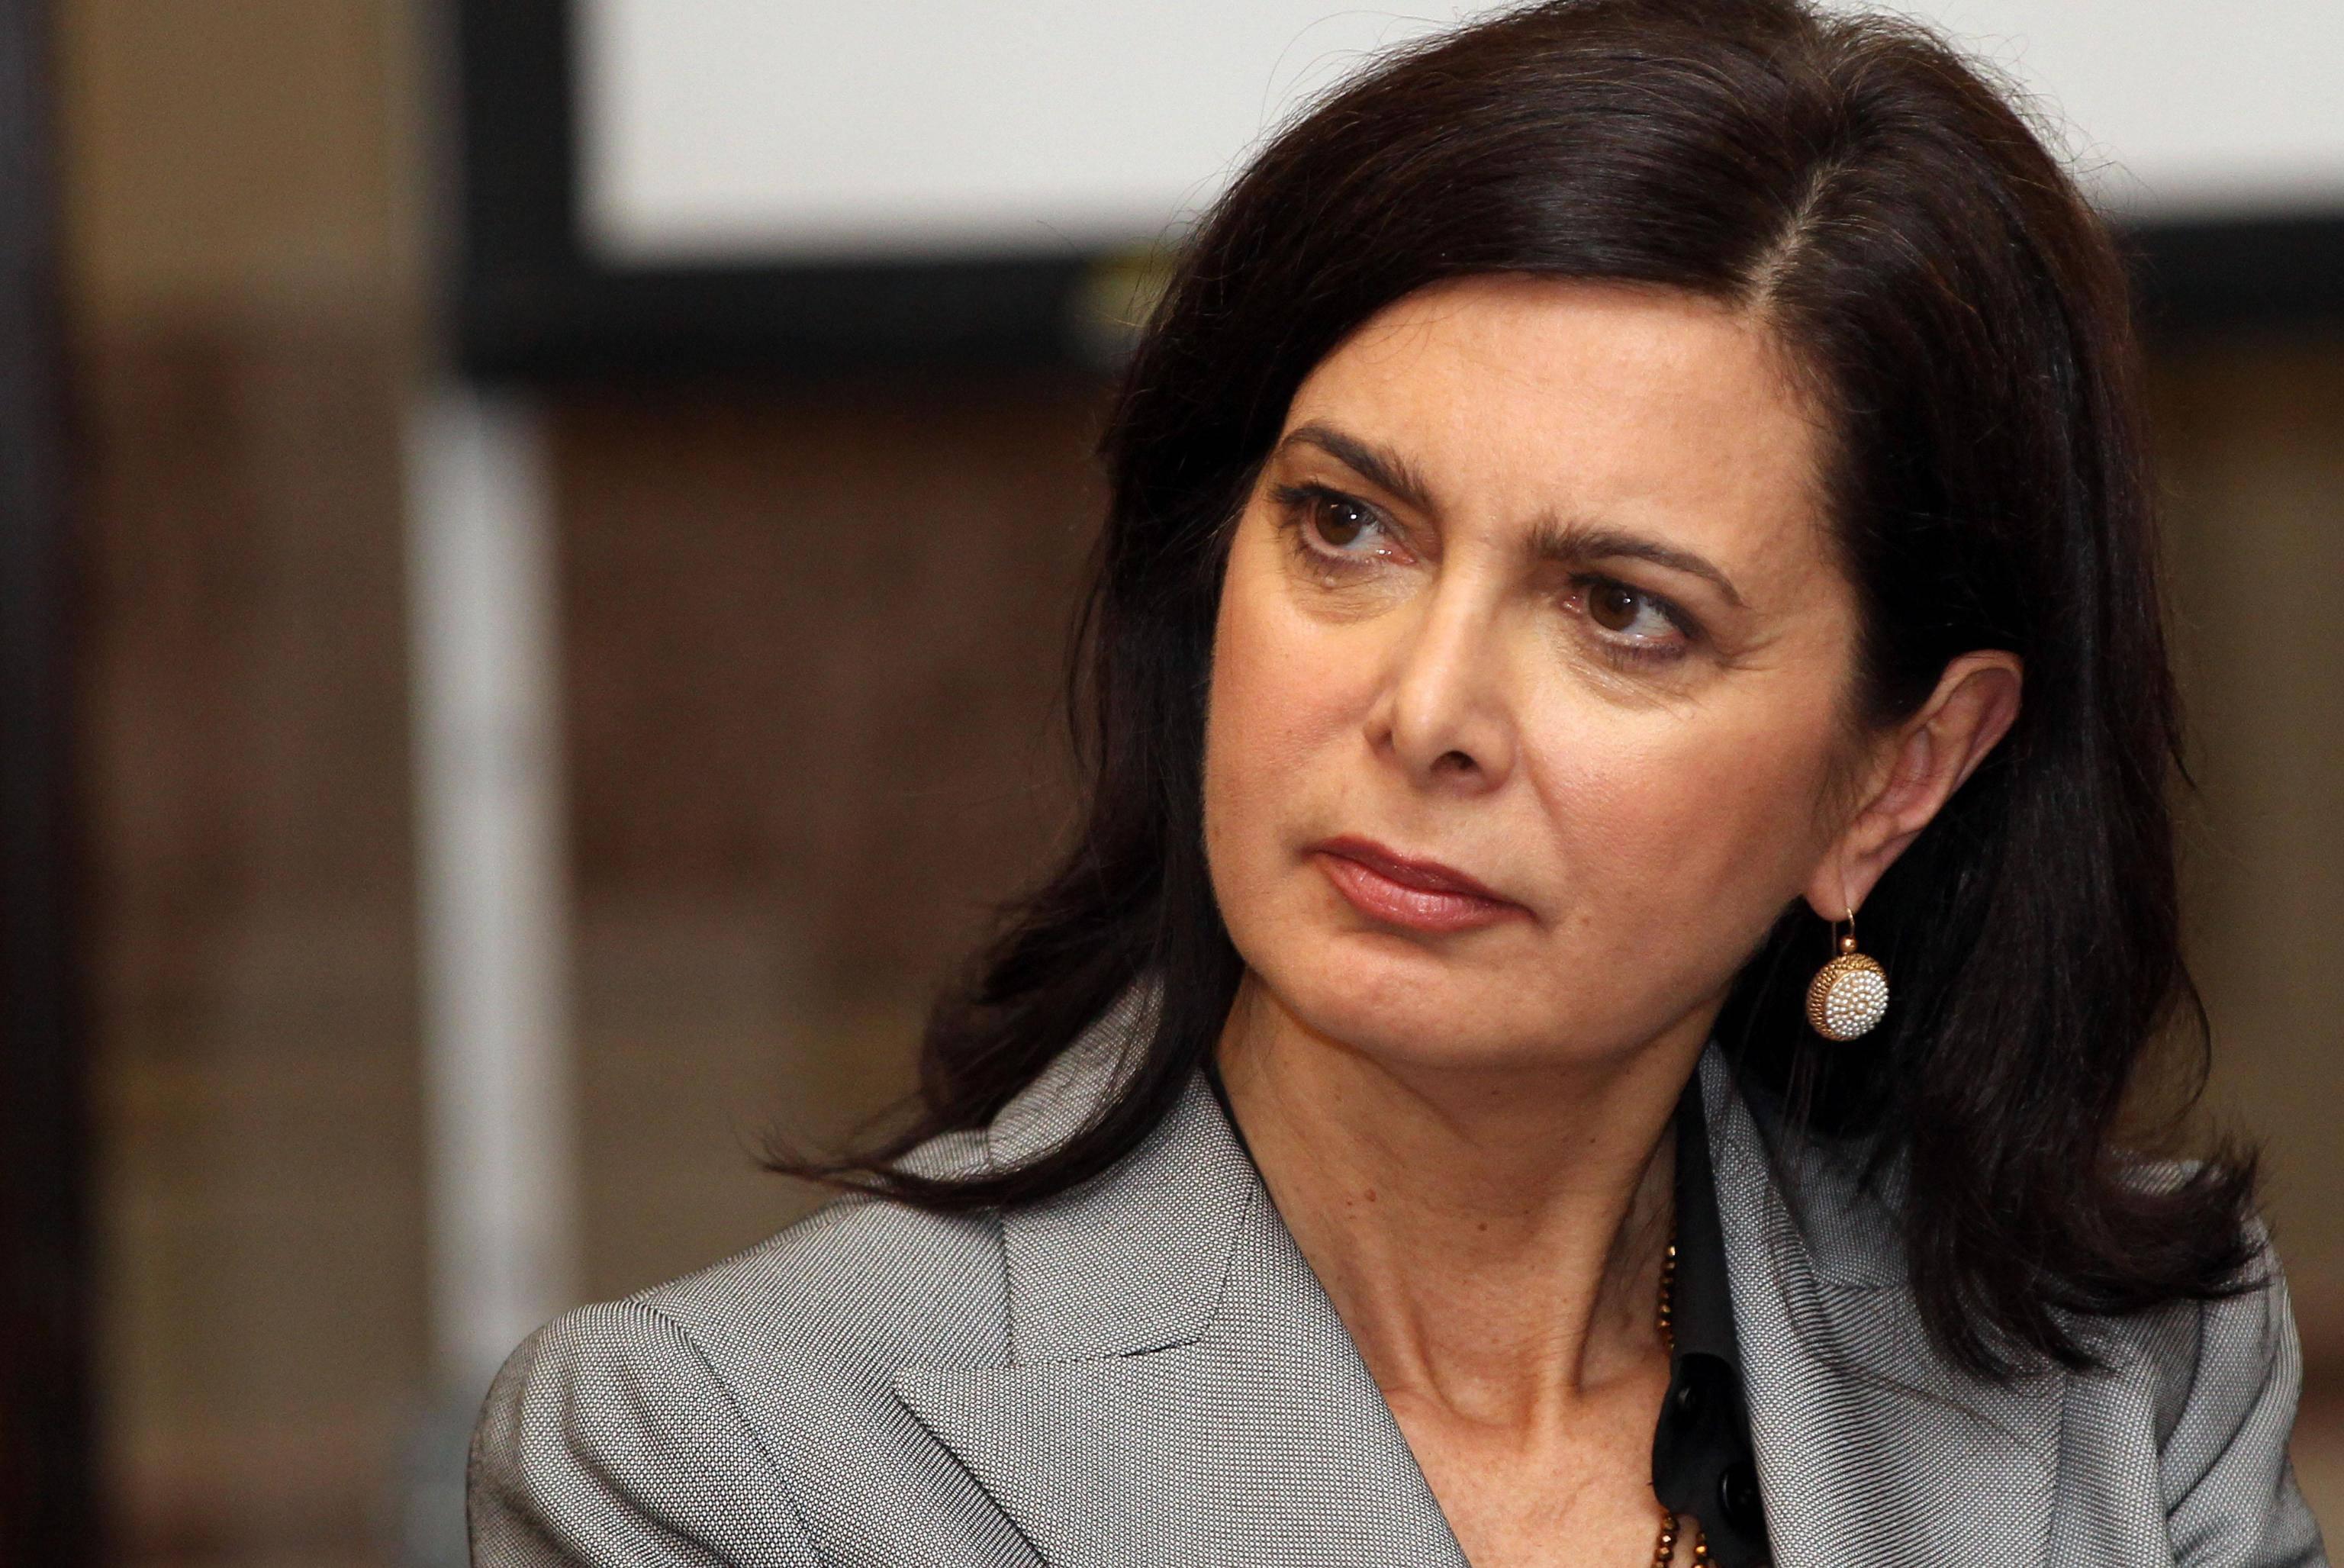 """Stupri a Rimini, parla la Boldrini: """"Condannare le violenze? Smettetela di seminare odio"""""""